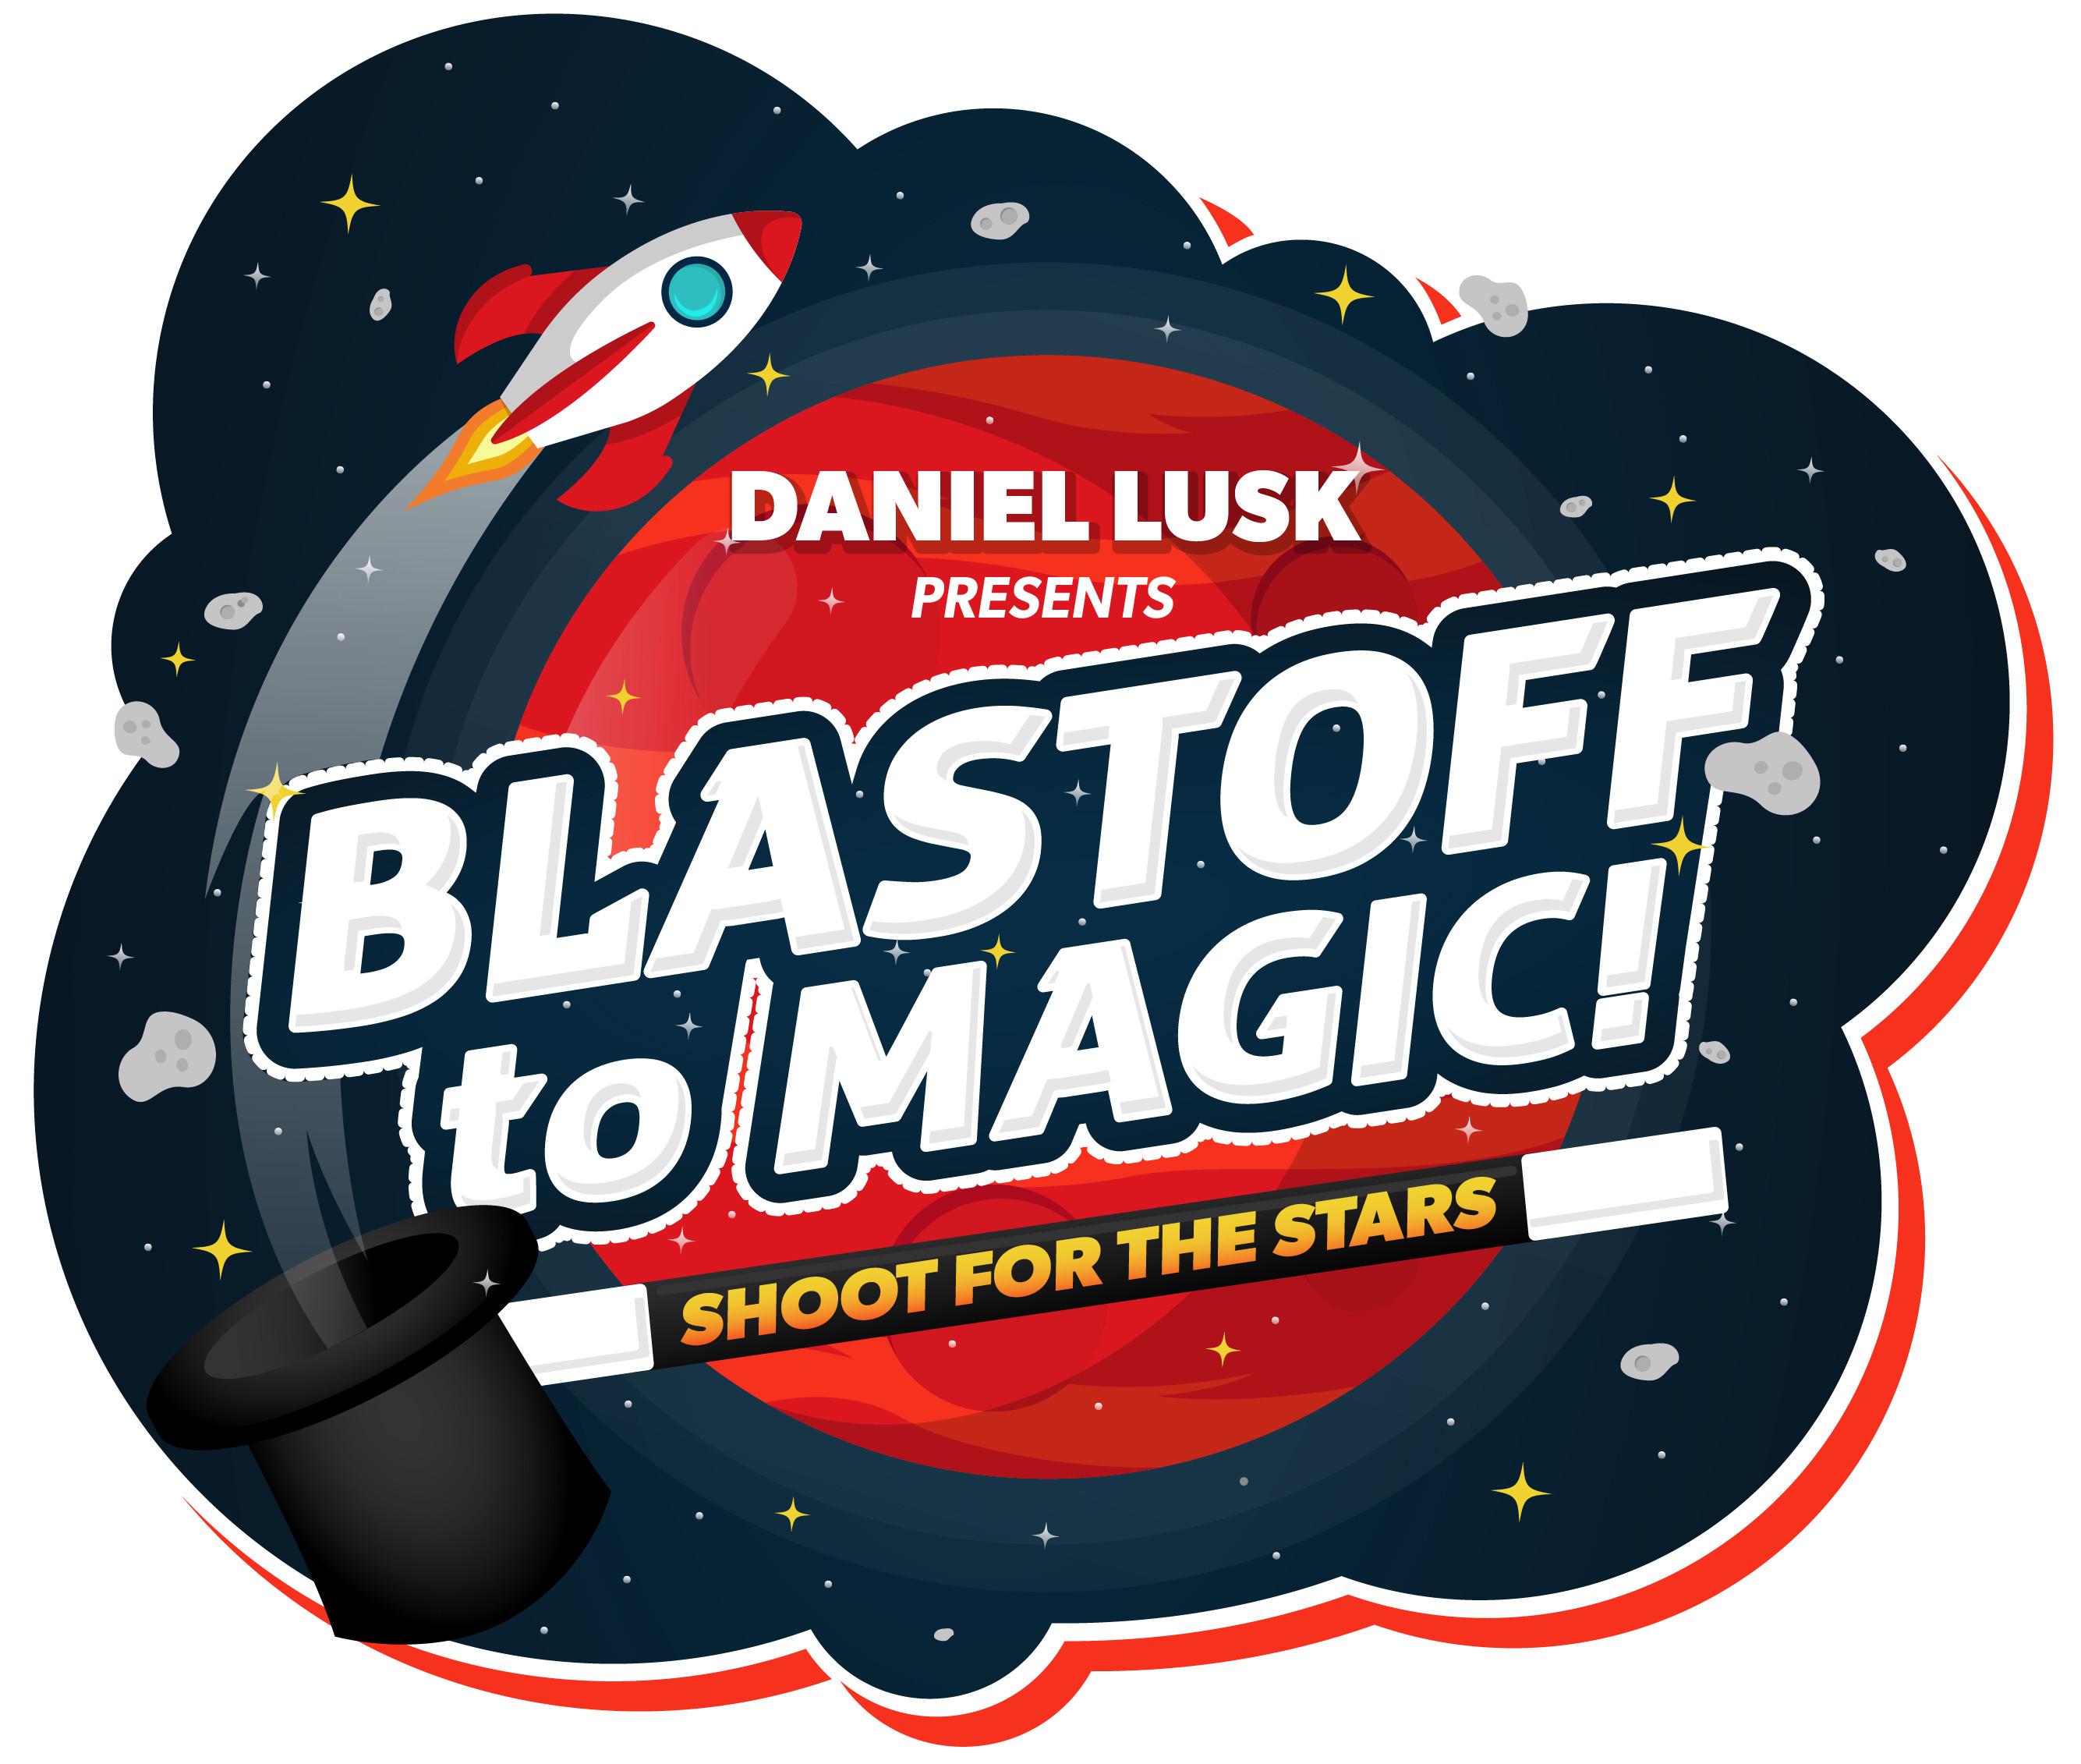 Blastoff to Magic logo